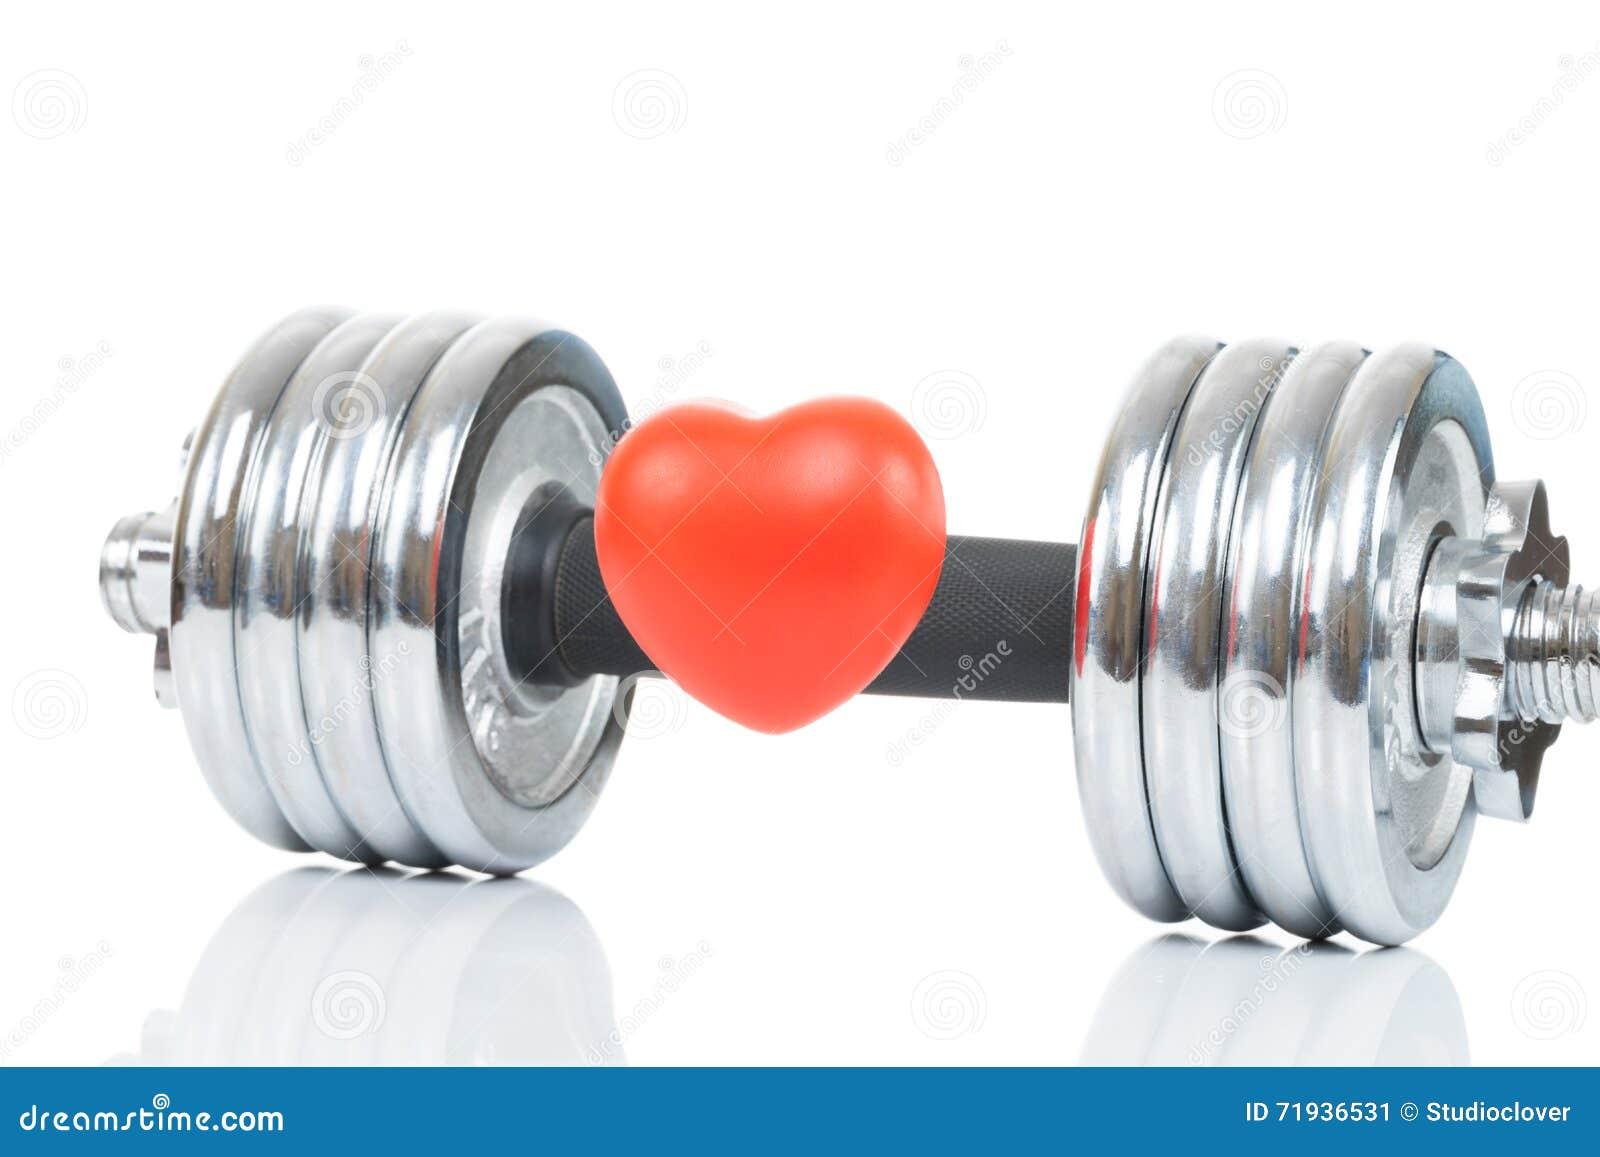 Лоснистая покрытая хромом гантель с сердцем игрушки перед им как символ здорового сердца - съемки студии